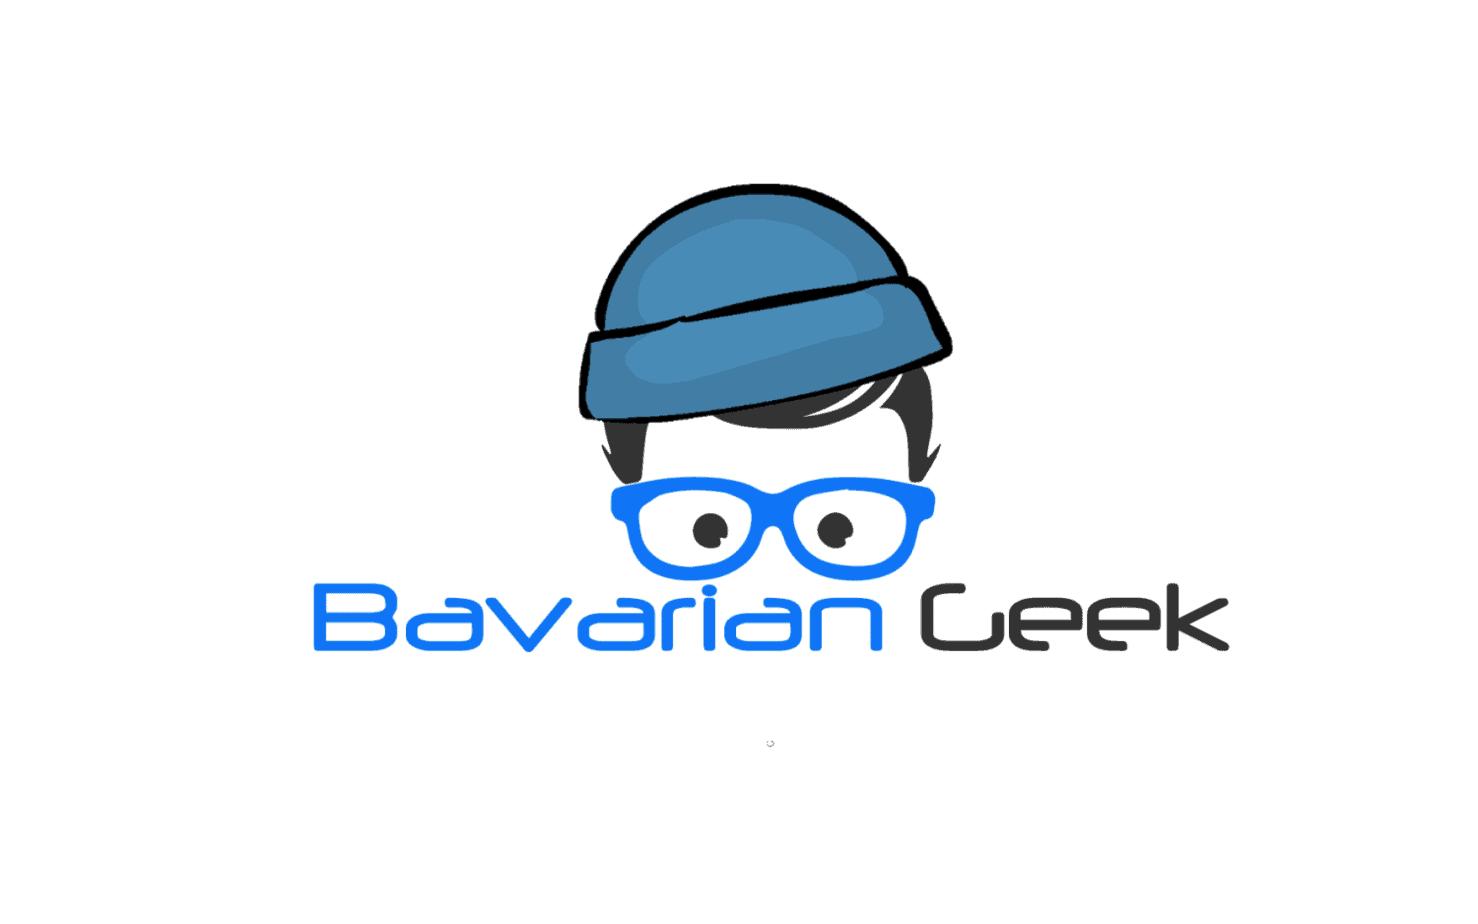 Tag der blauen Mütze – der Blue Beanie Day